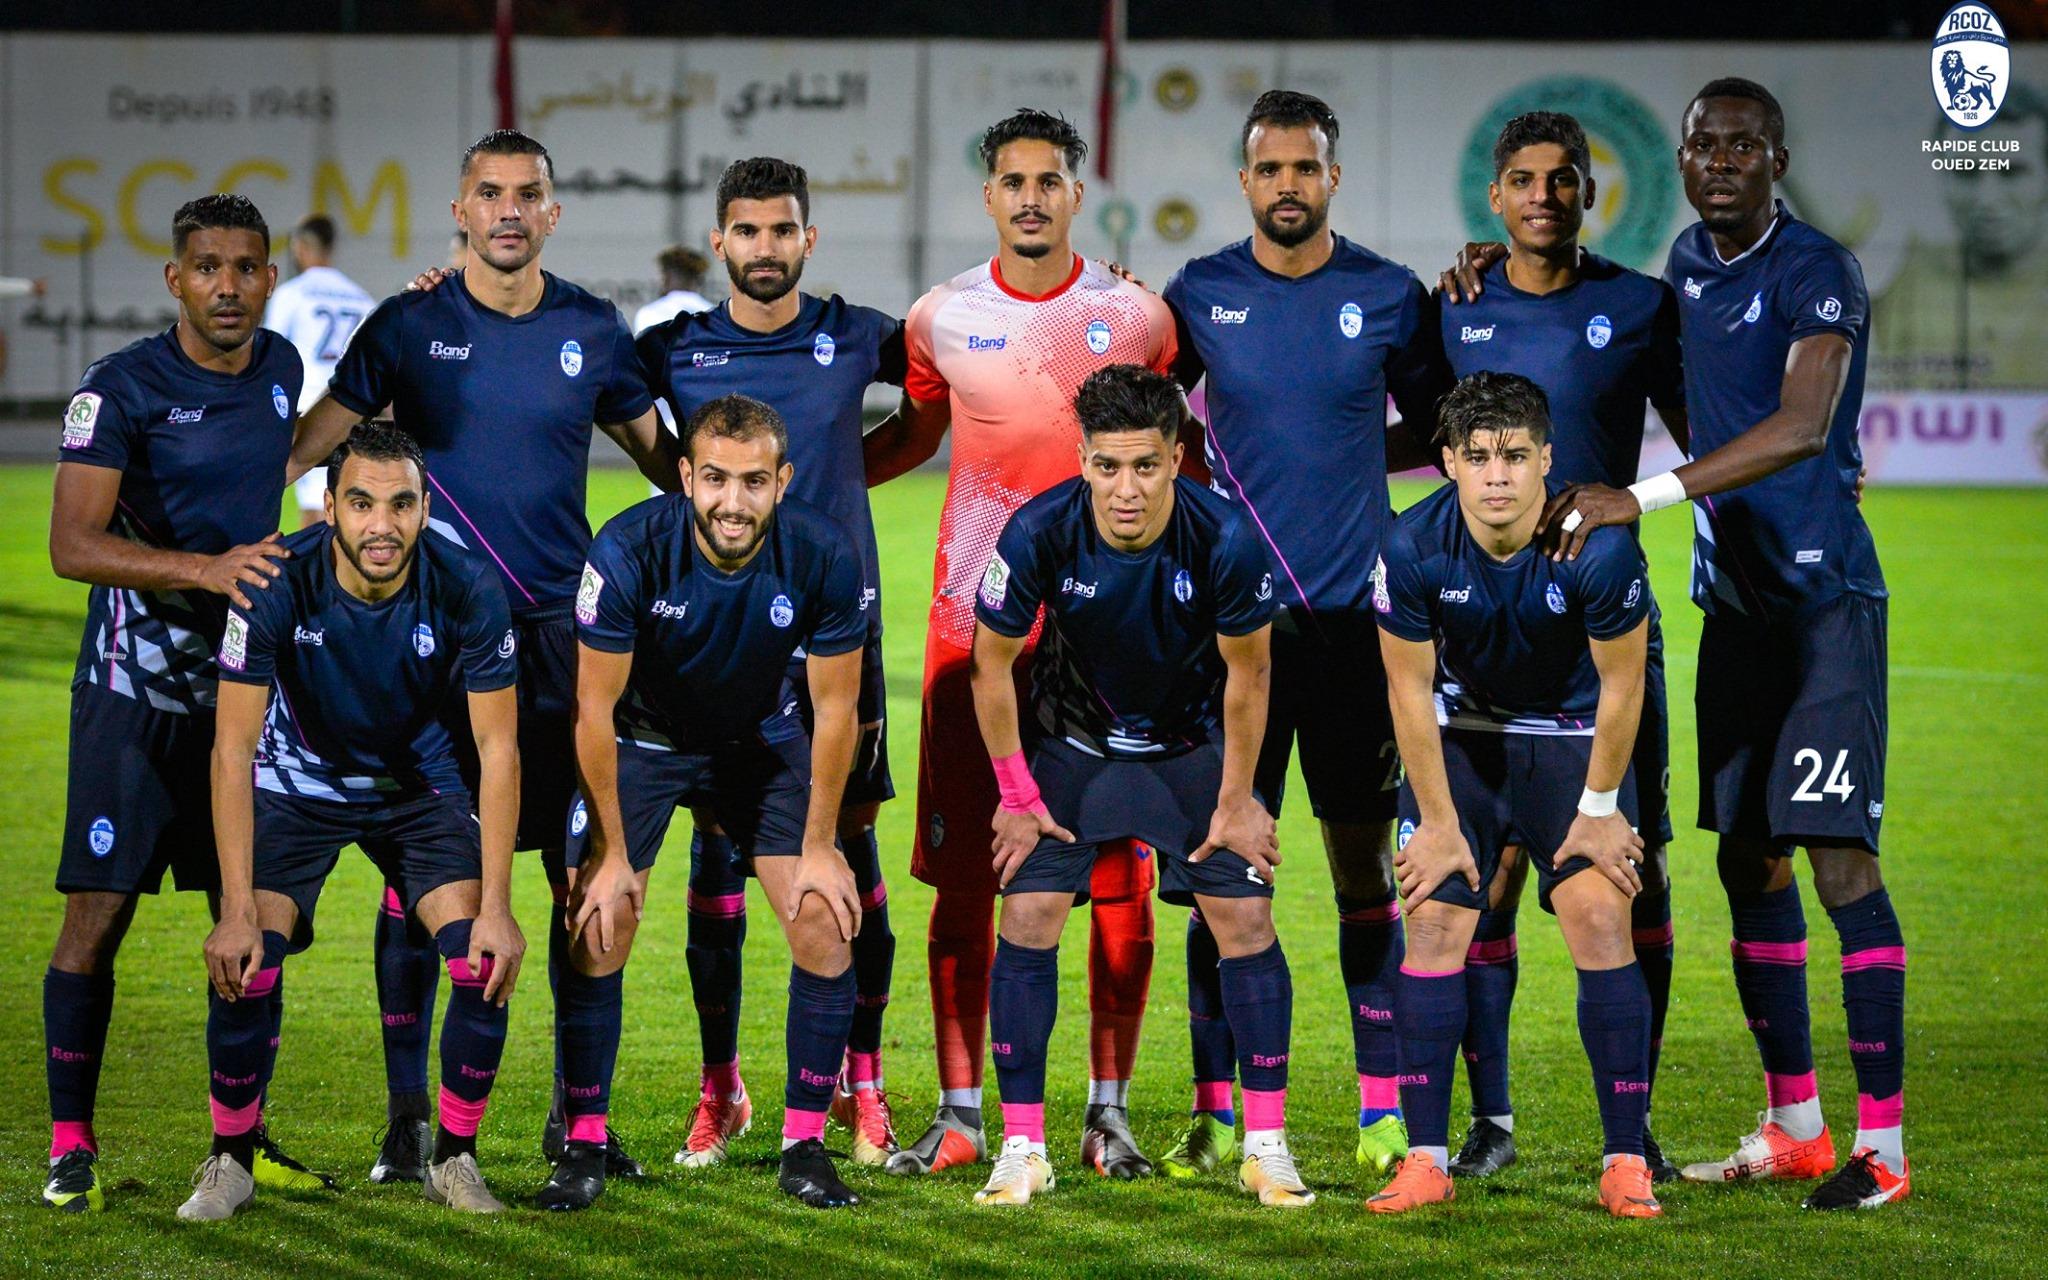 البطولة الإحترافية 1.. نهضة الزمامرة يسقط في فخ التعادل أمام شباب المحمدية